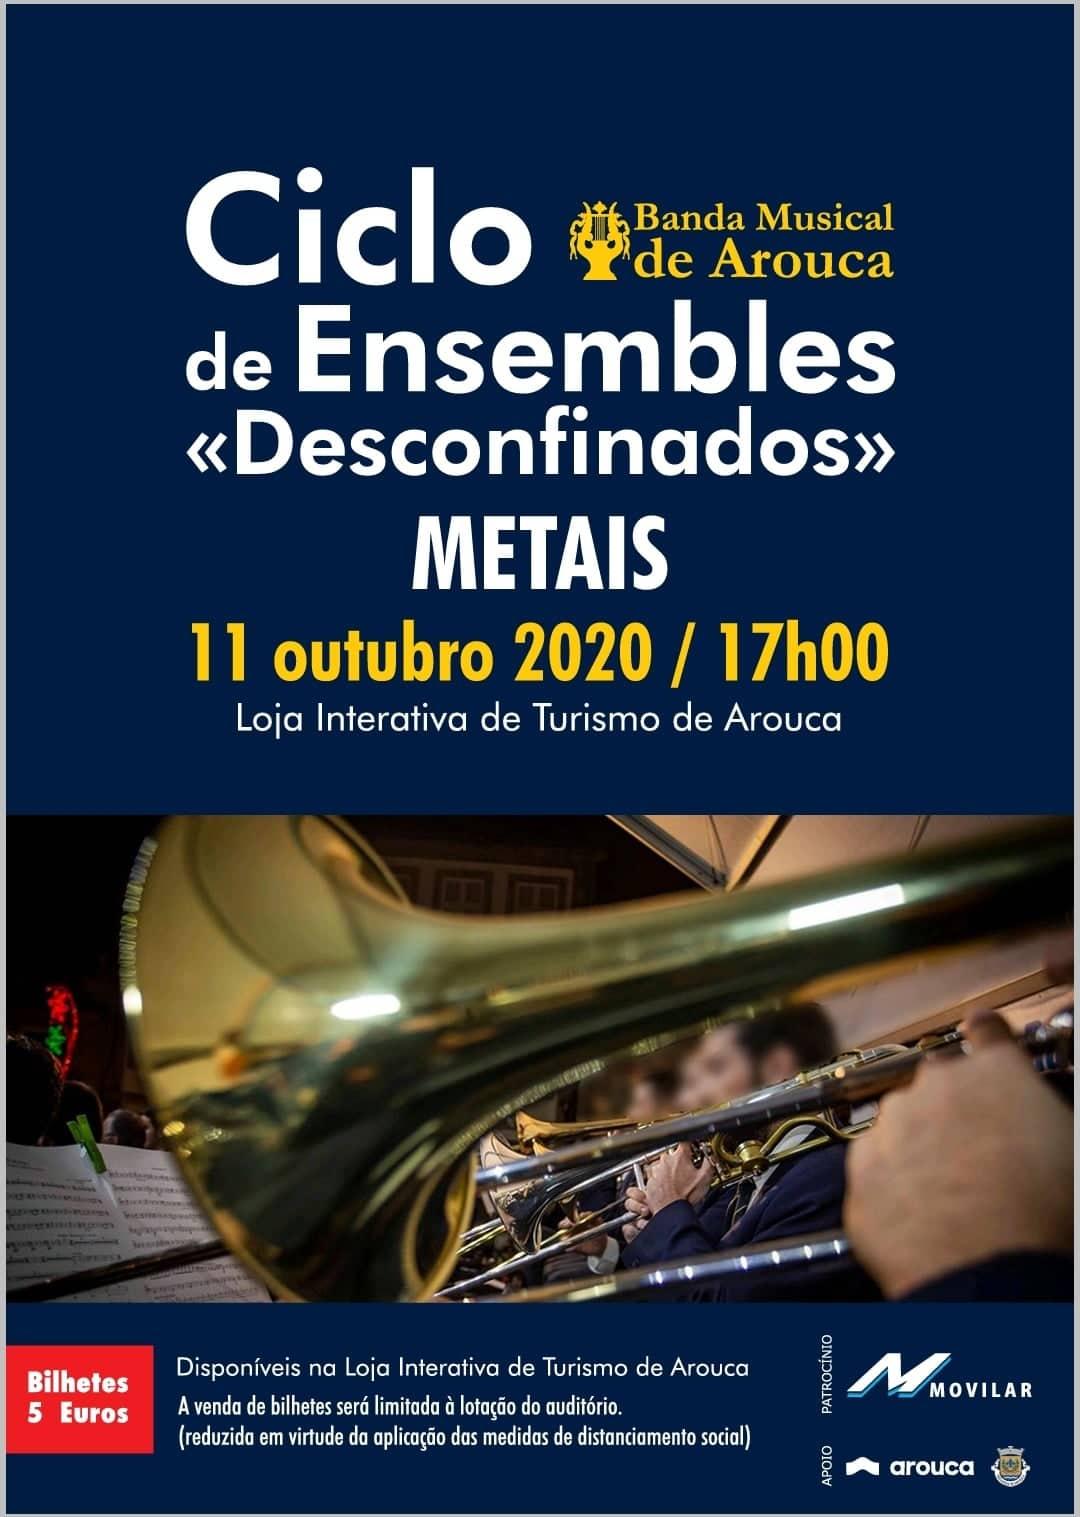 Banda Musical de Arouca promove Ciclo de Ensembles 'Desconfinados'